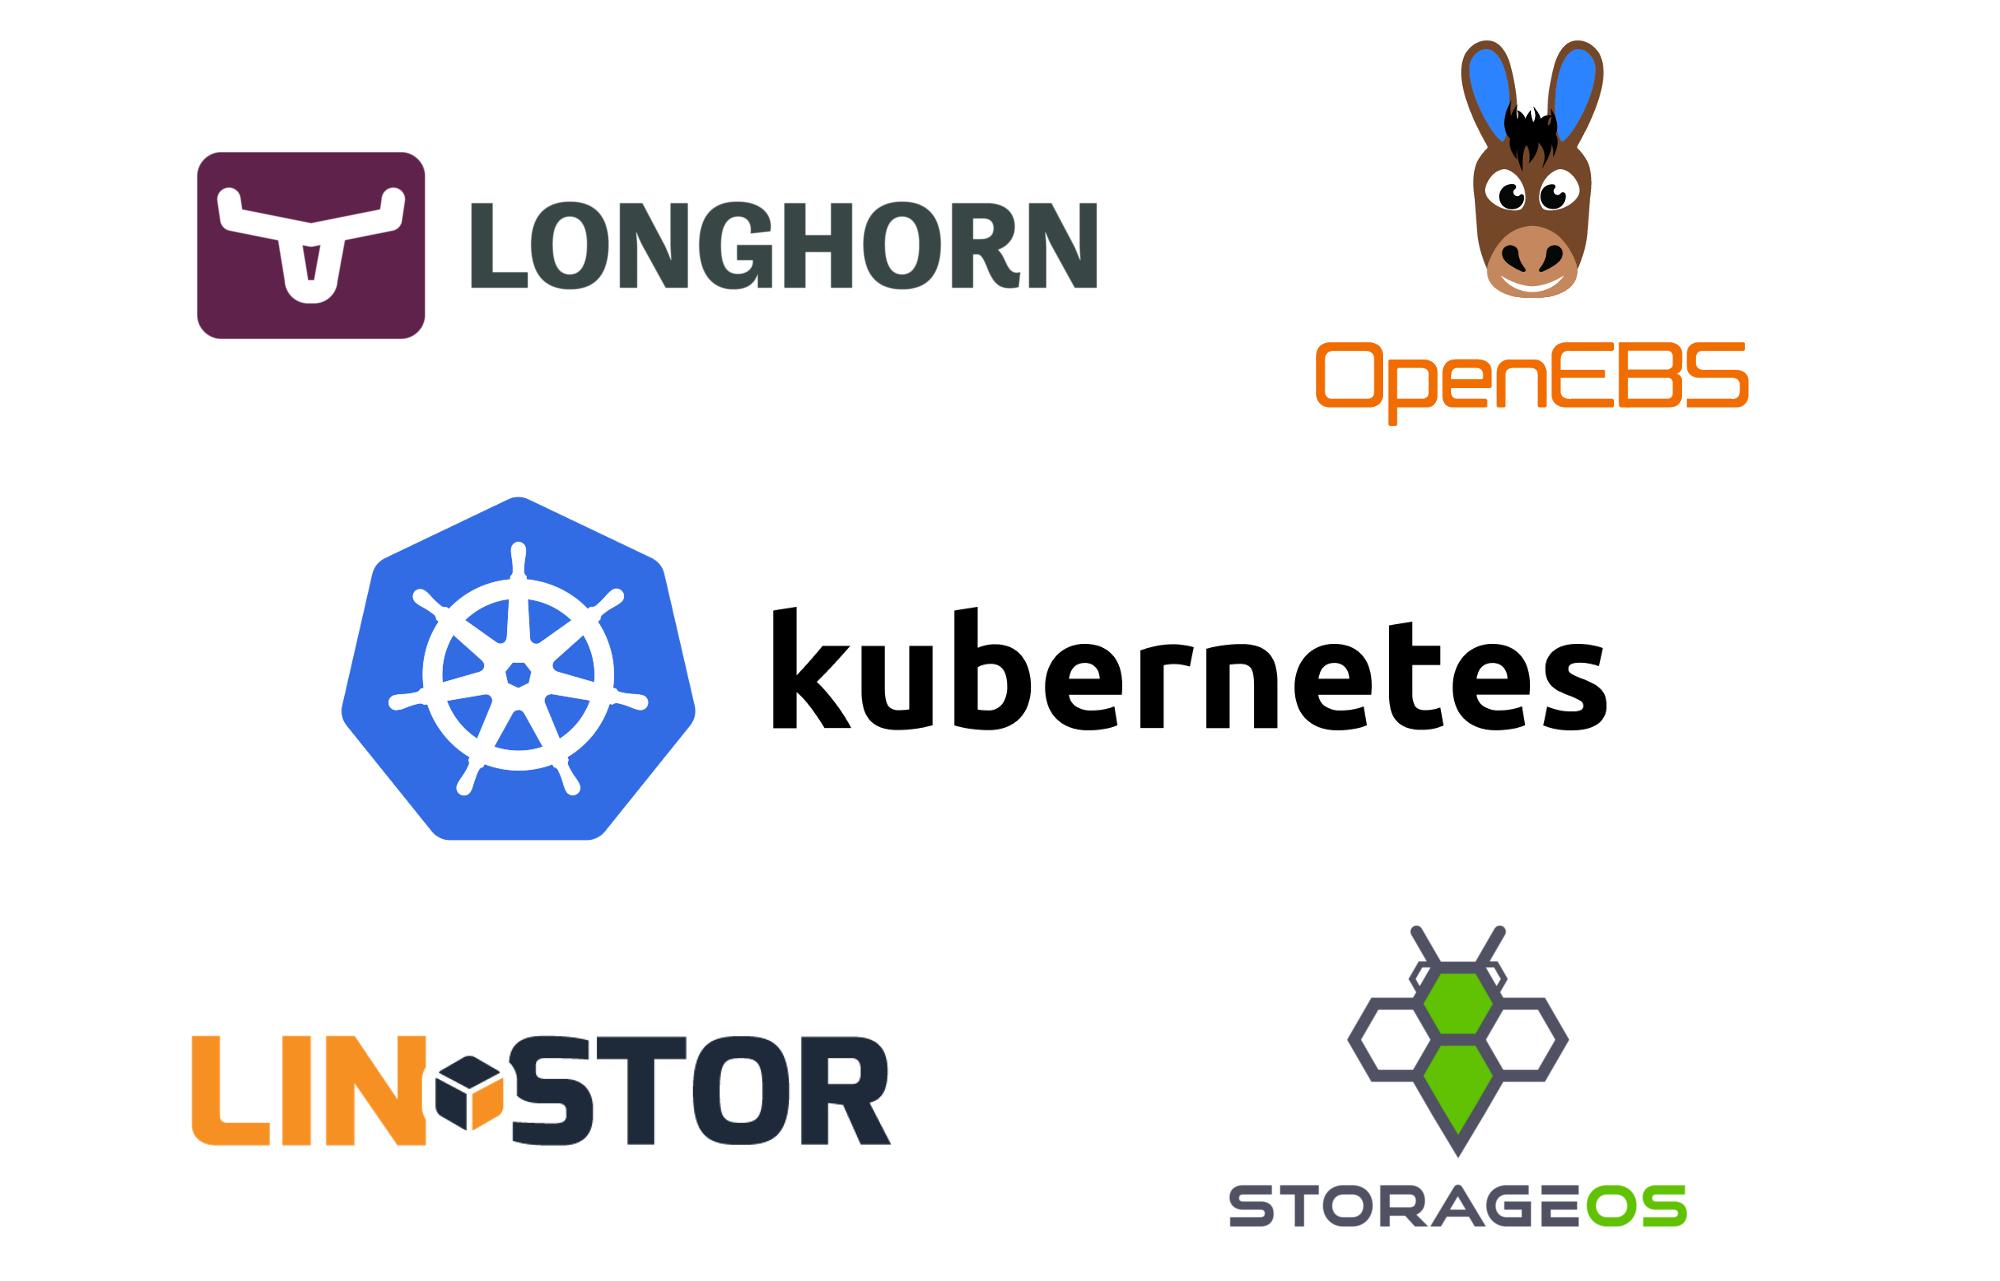 Состояние и производительность решений для постоянного хранения данных в Kubernetes - 1